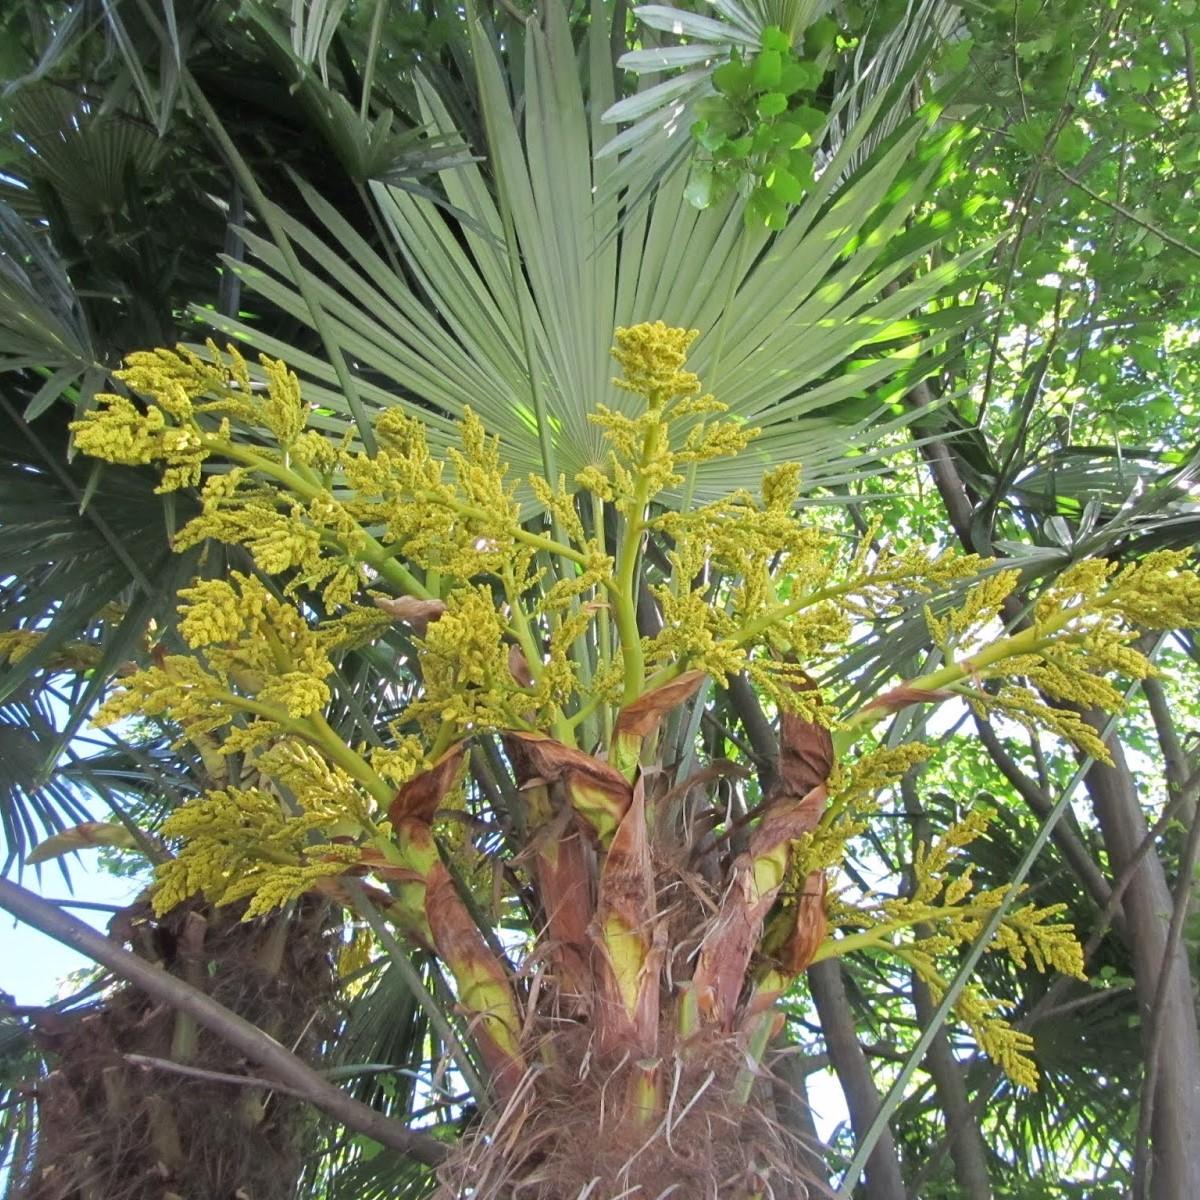 Palme Da Vaso Per Esterno comune monteceneri - la palma da giardino invade i boschi: è